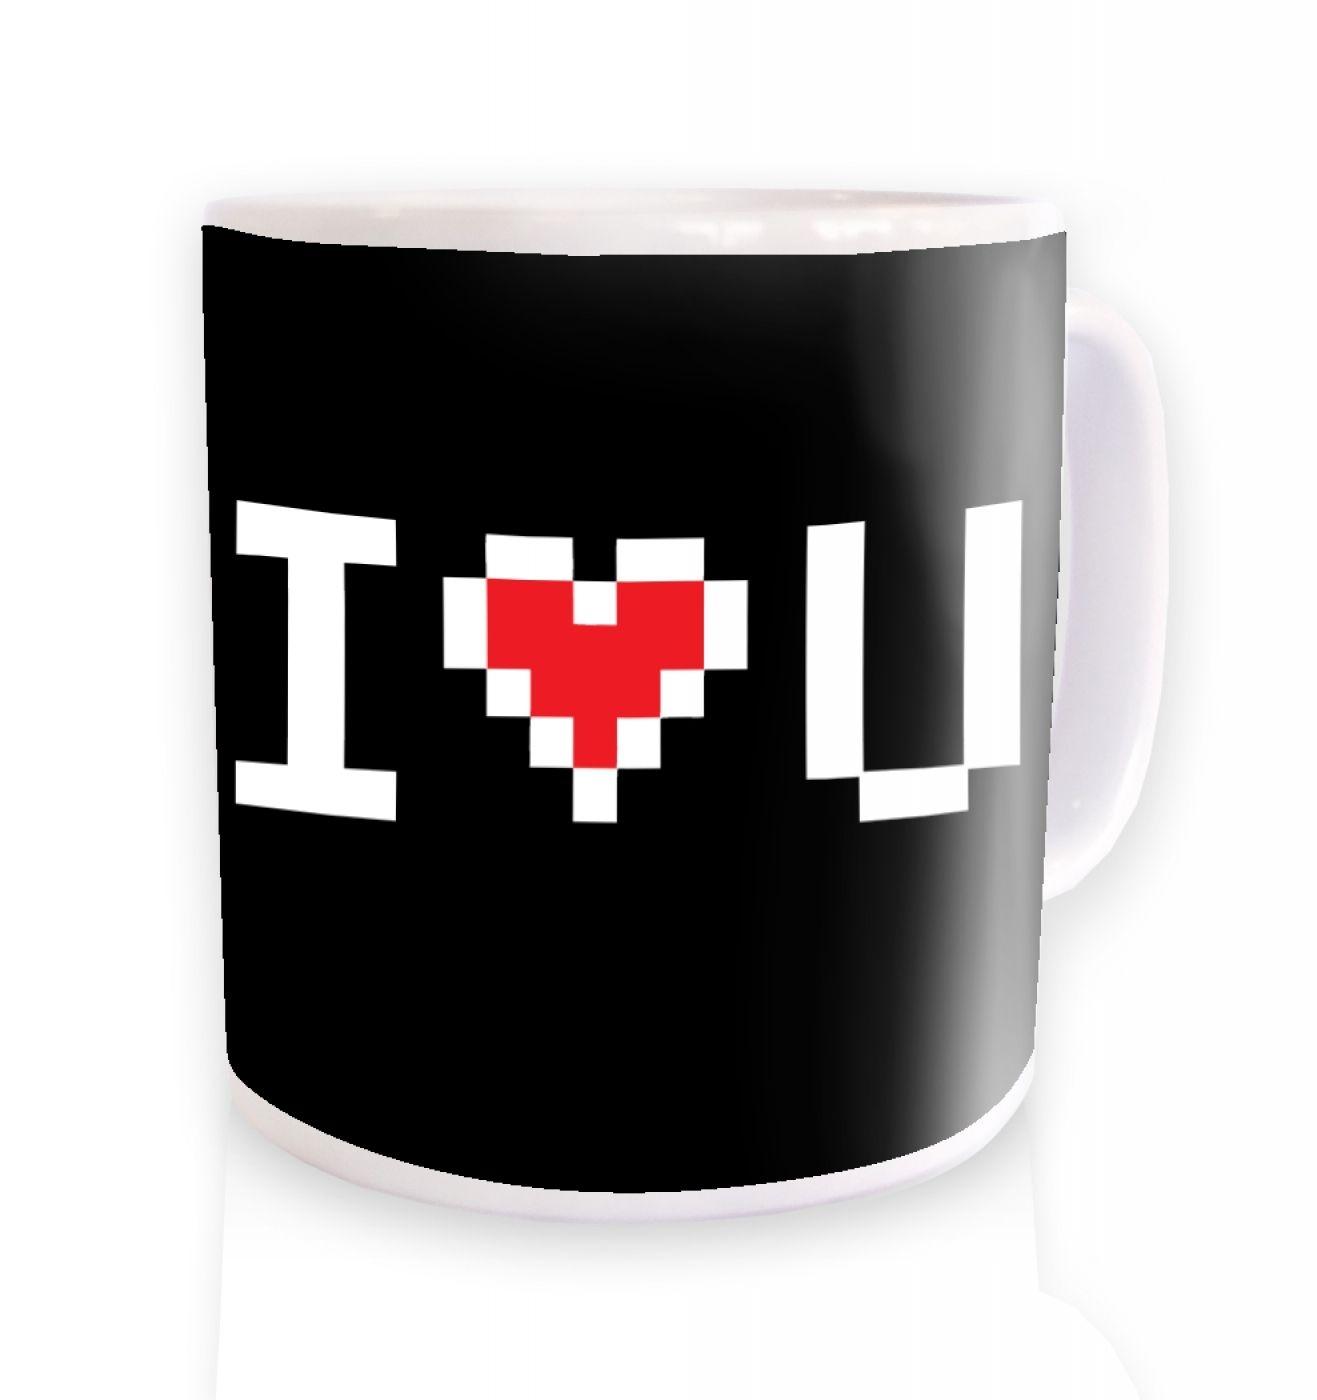 Pixelated I Heart U ceramic coffee mug